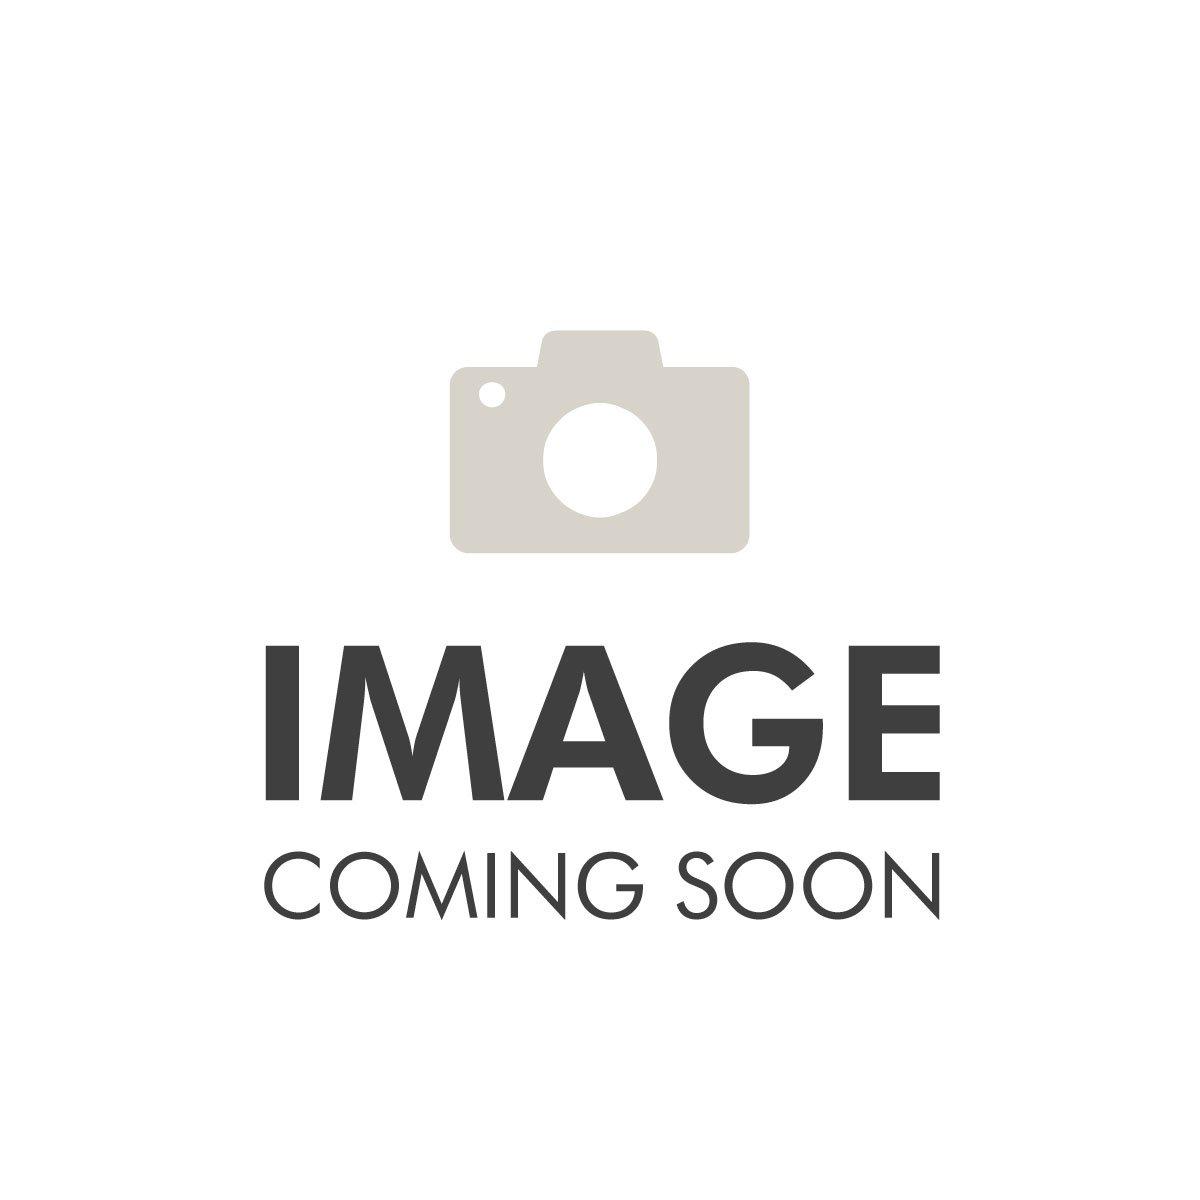 Dolce & Gabbana Dolce & Gabbana Dolce 75ml EDP Spray